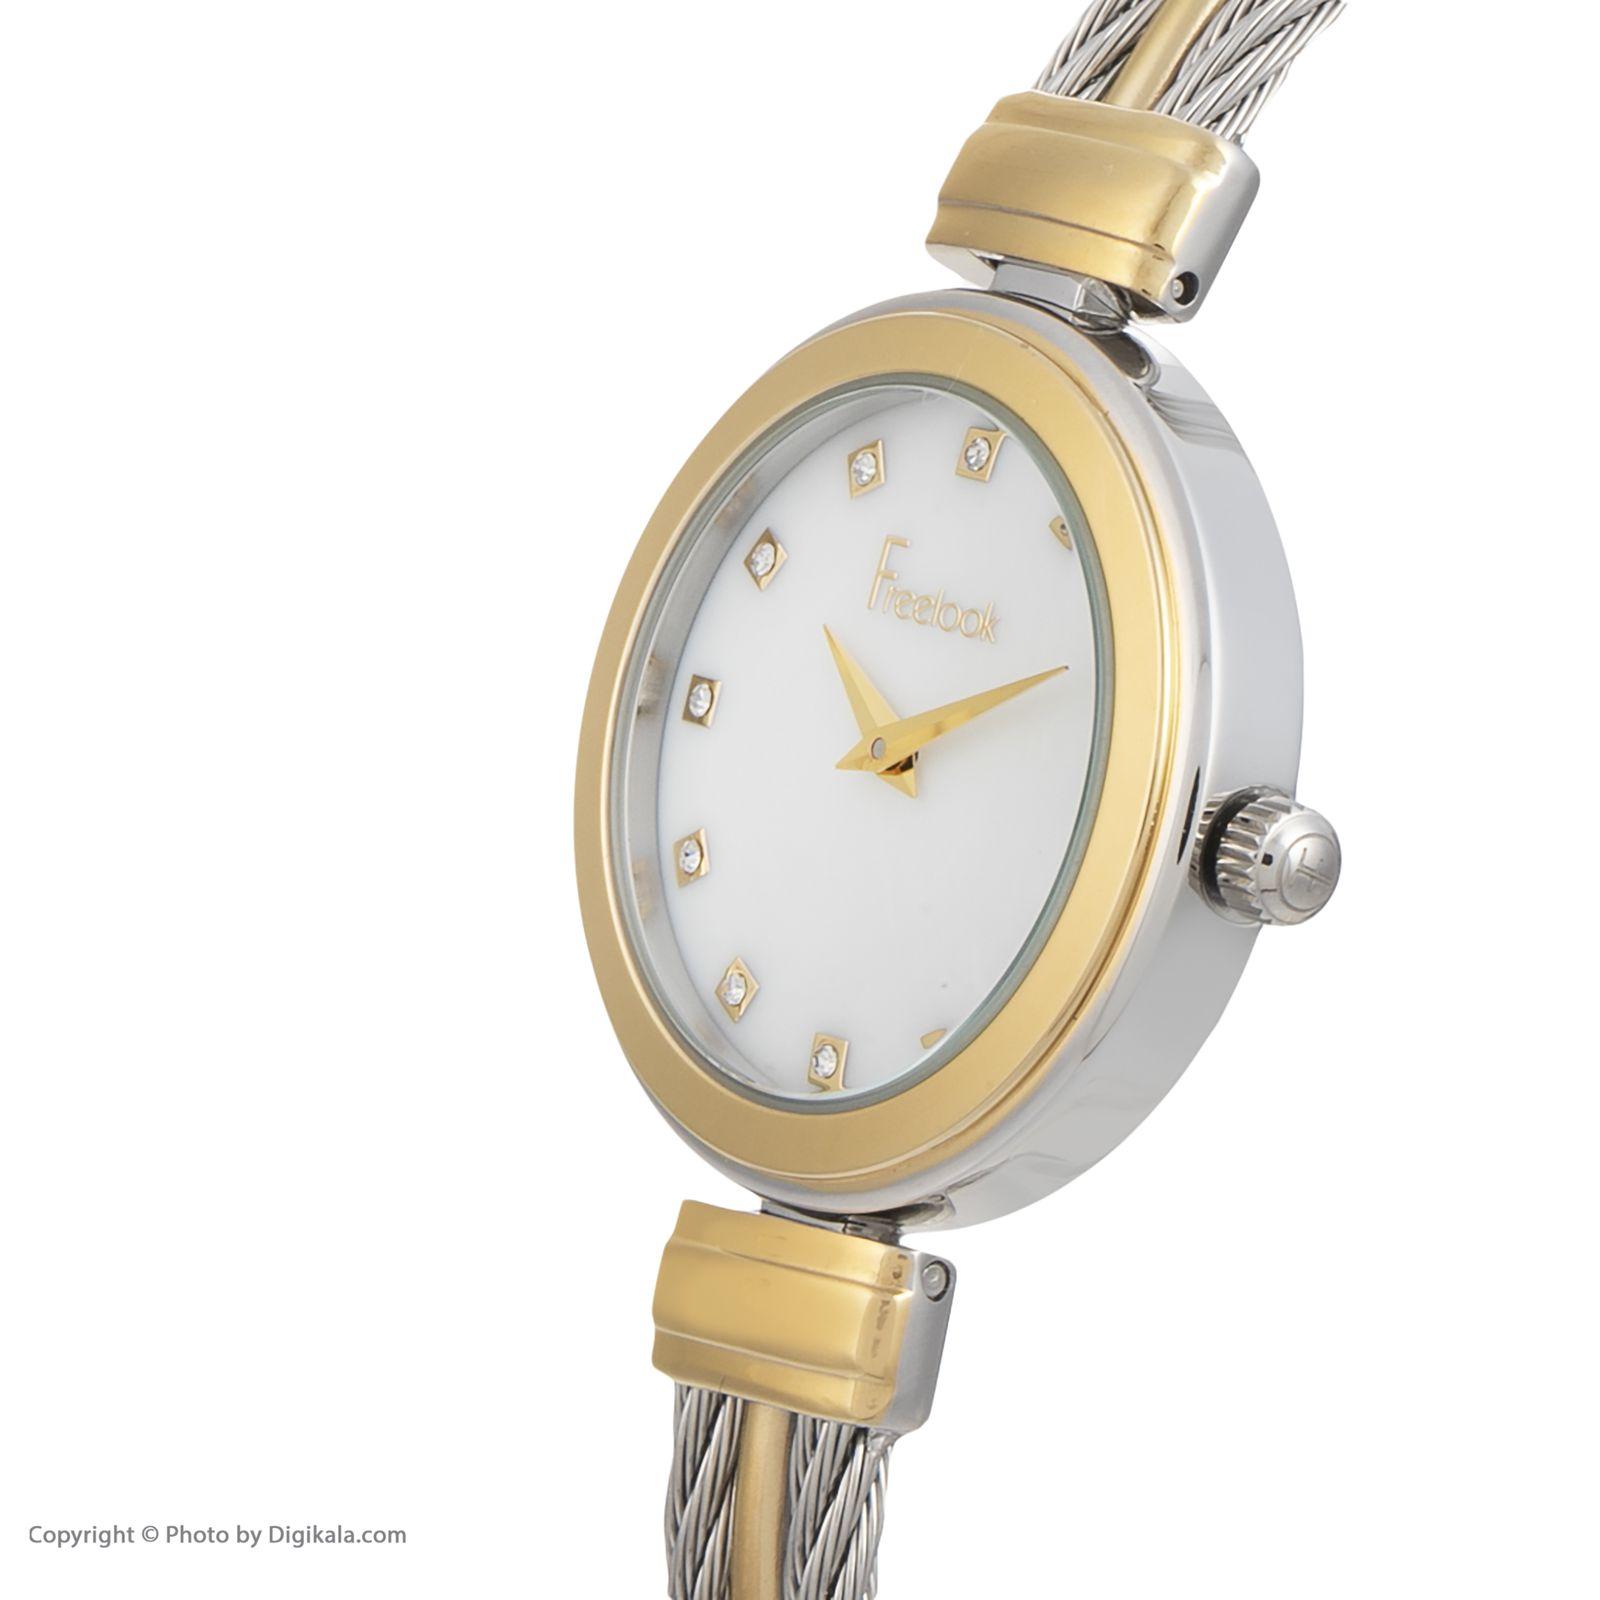 ساعت مچی عقربه ای زنانه فری لوک مدل F.8.1078.07 -  - 2